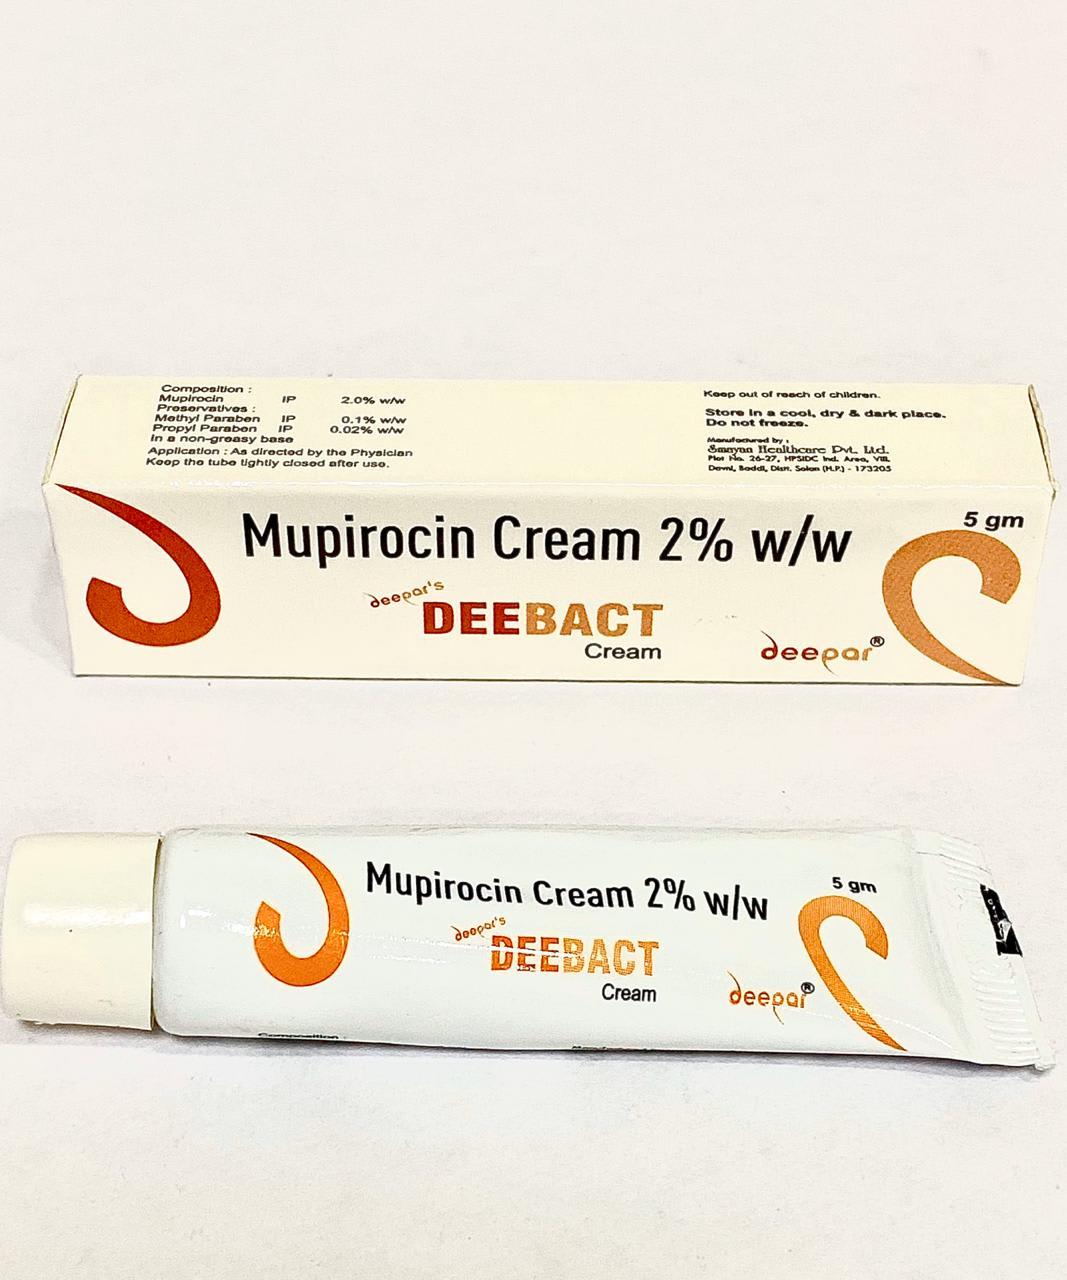 DEEBACT Cream